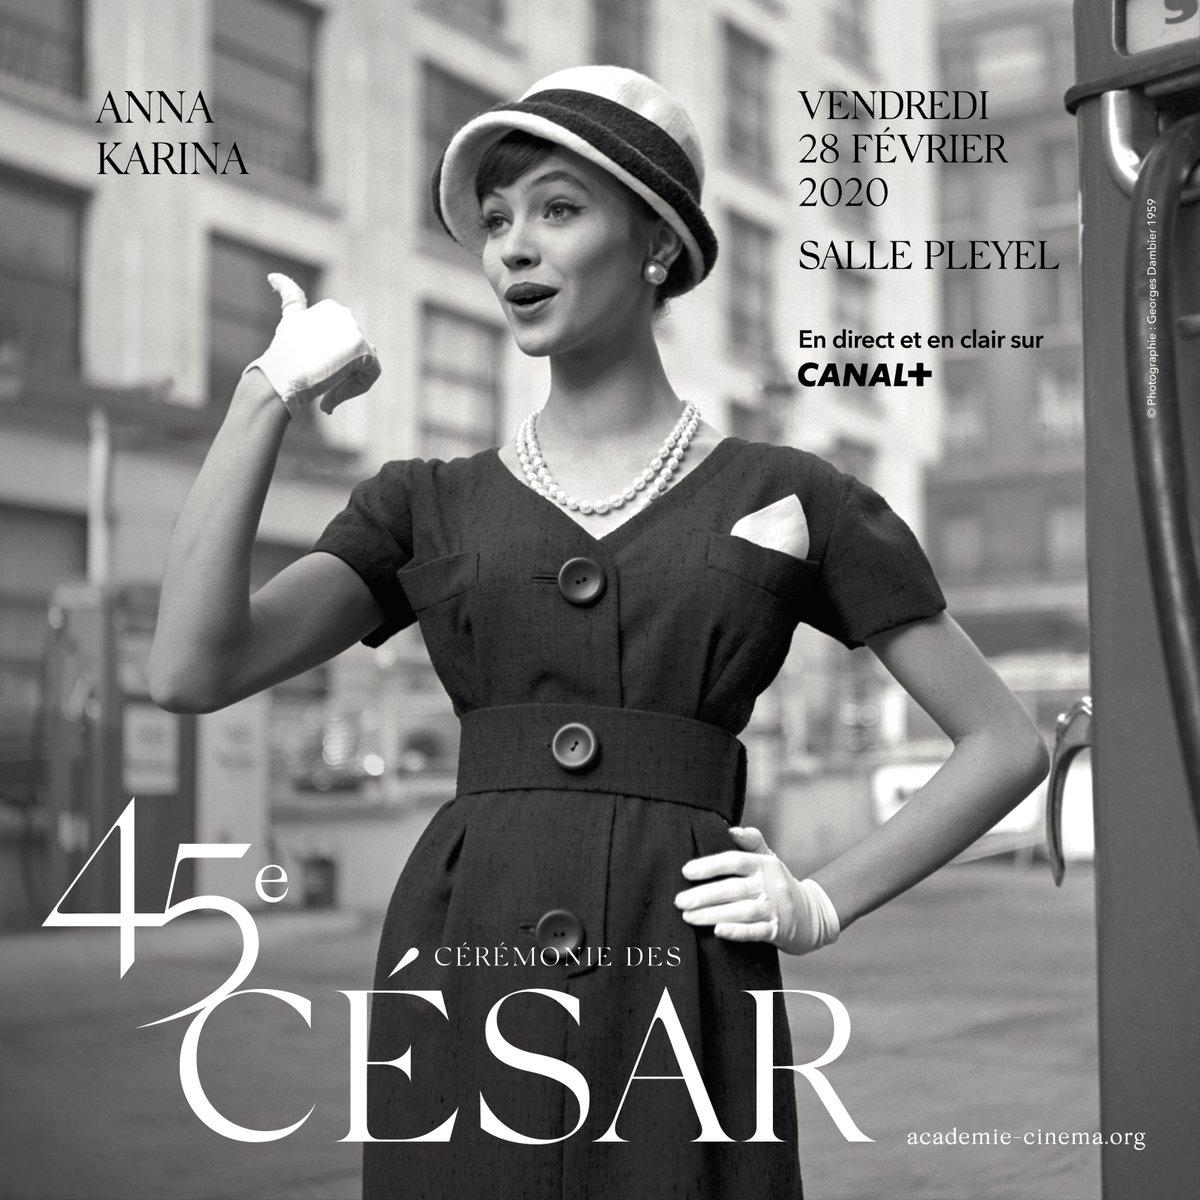 [ CÉSAR 2020 ] J-30 avant la 45e cérémonie des César, le 28 février à la  @sallepleyel.  #SandrineKiberlain présidera cette soirée et #FlorenceForesti sera la Maîtresse de Cérémonie.   Sur l'affiche o